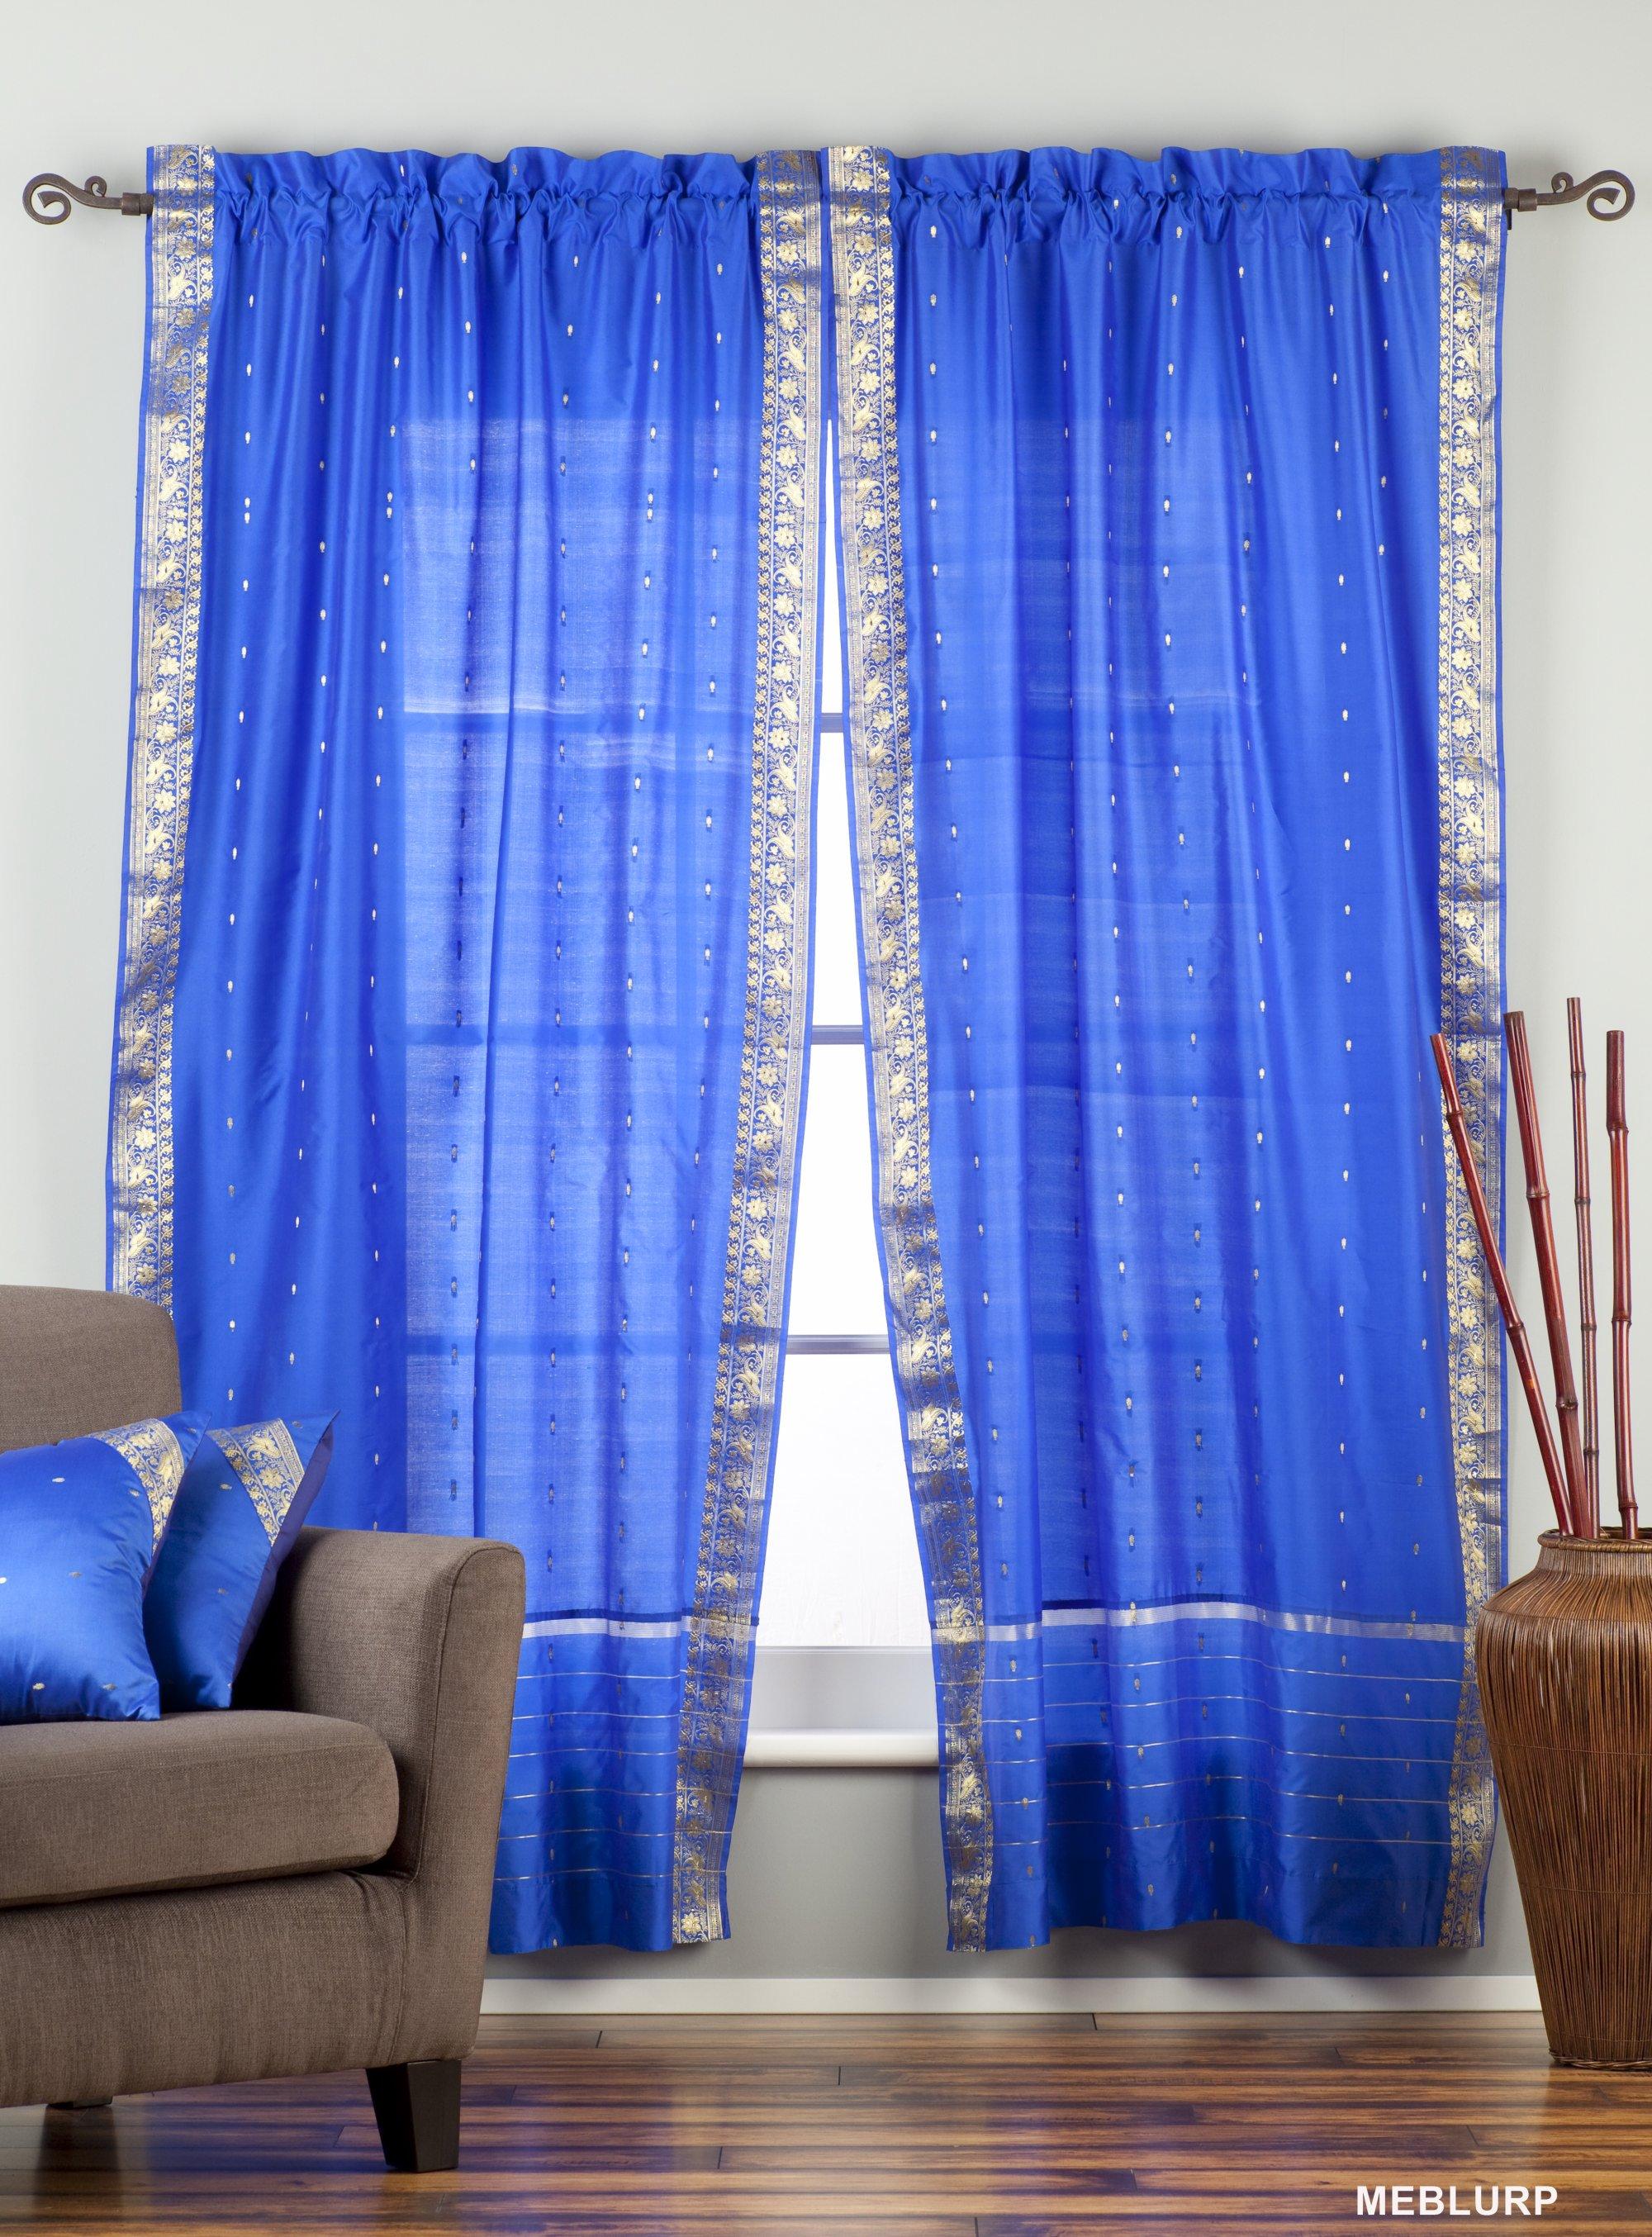 Indian Selections Enchanting Blue Rod Pocket Sheer Sari Curtain / Drape / Panel - Piece